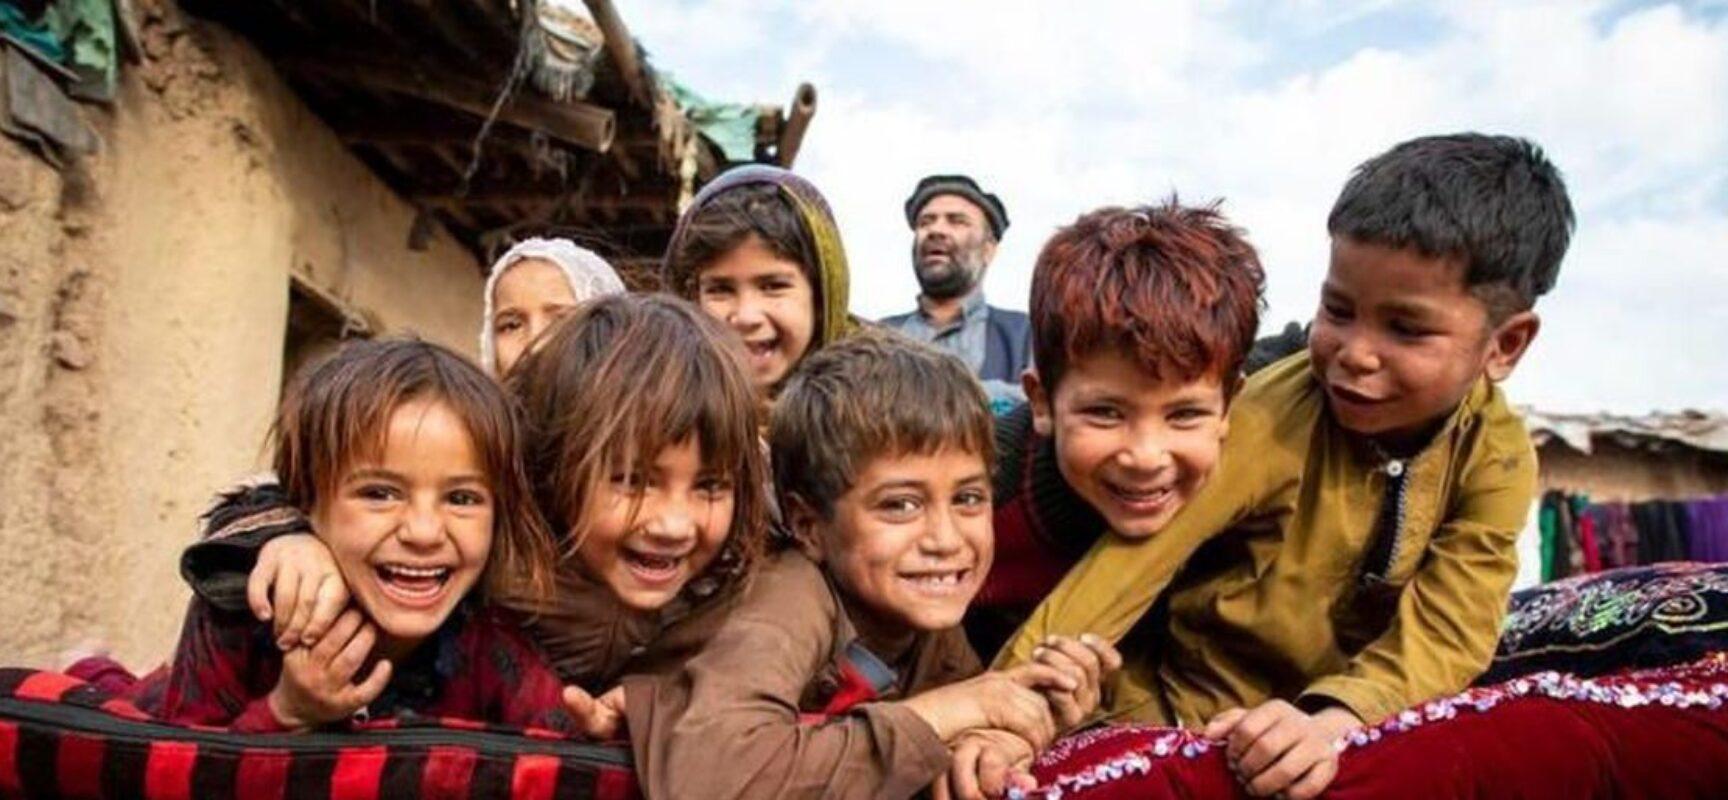 INTERNACIONAL: Campanha da ONU chama atenção para direitos das crianças refugiadas